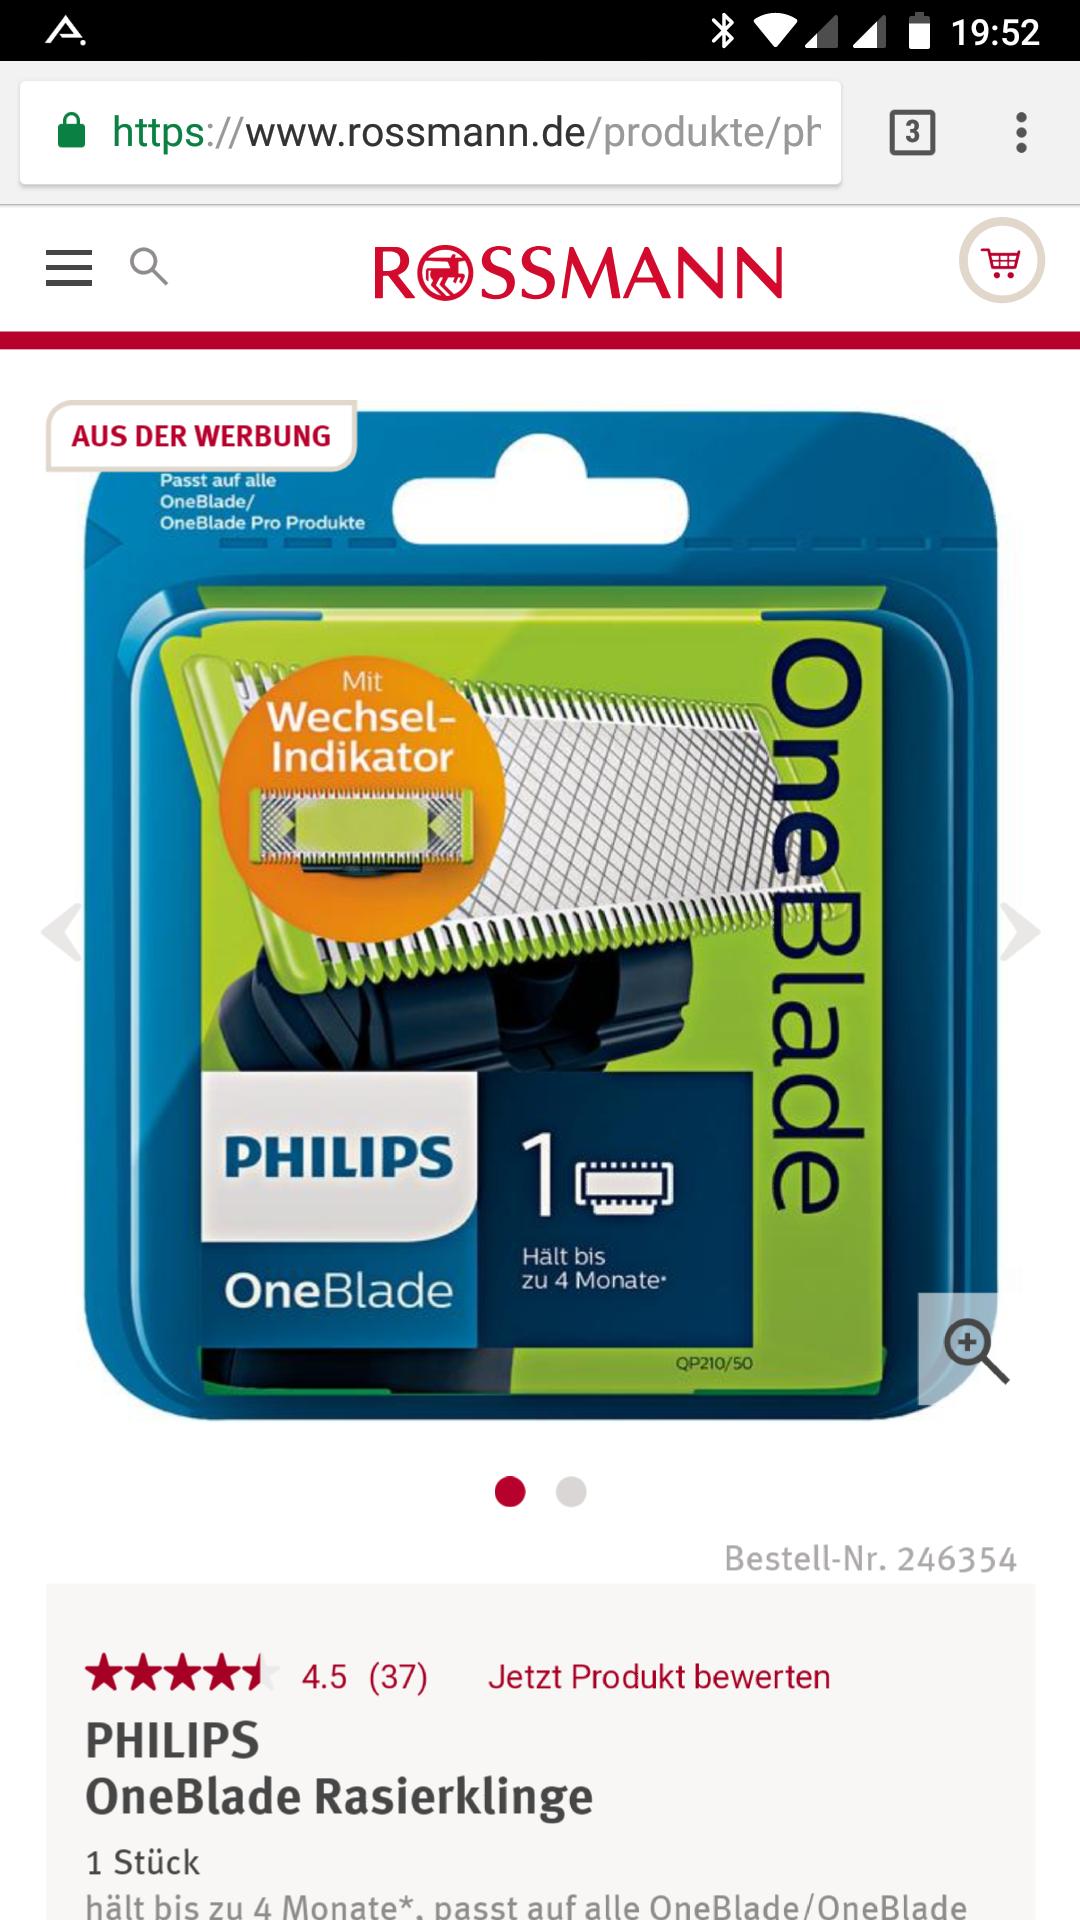 Philips One Blade Ersatzklinge (1 Stck) bei Rossmann